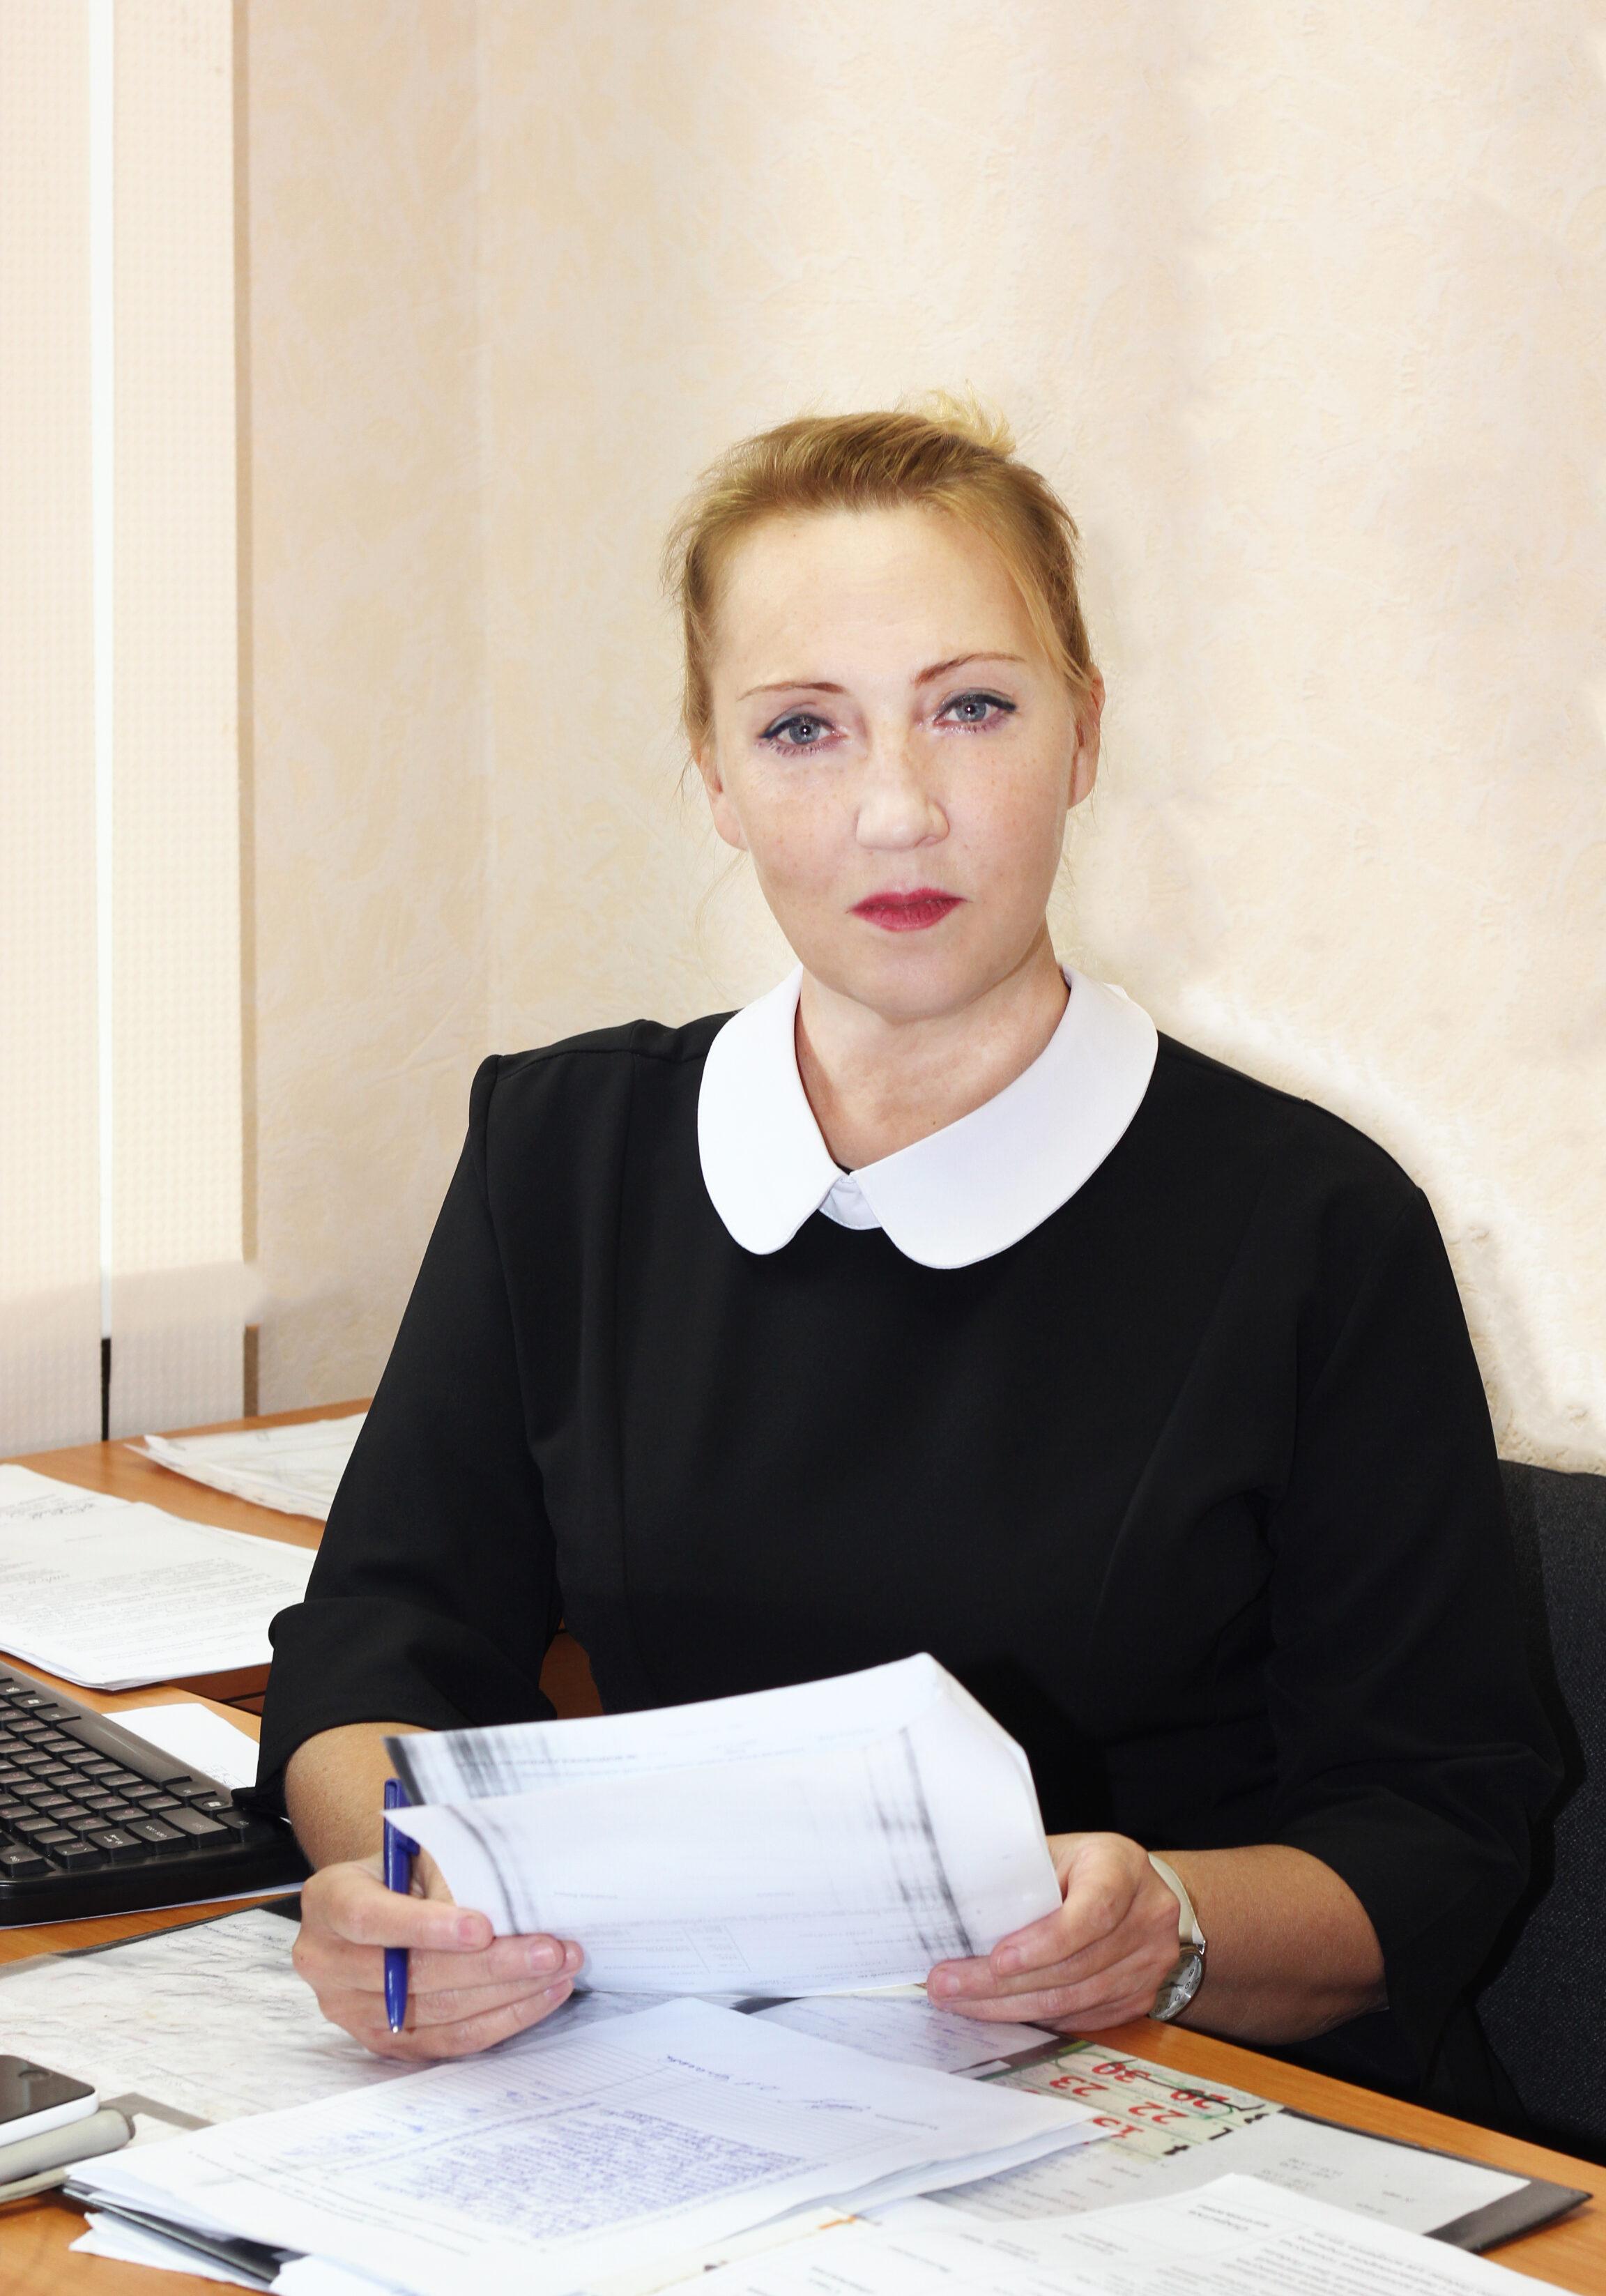 001yakubovskaya